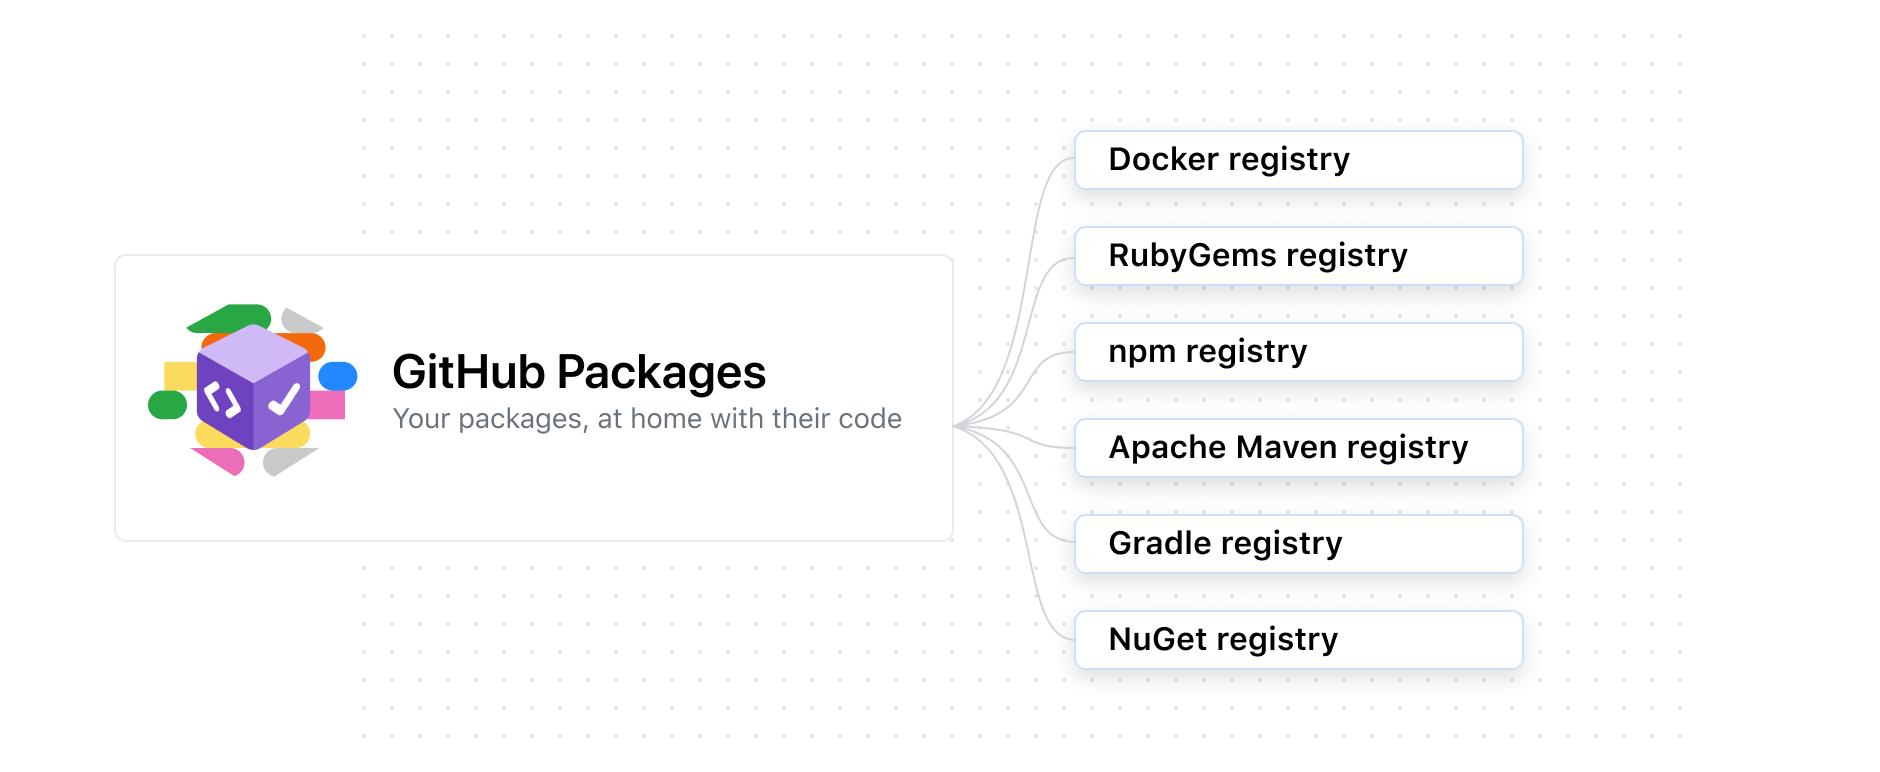 显示支持 Docker、RubyGems、npm、Apache Maven、Gradle、Nuget 和 Docker 的软件包的示意图